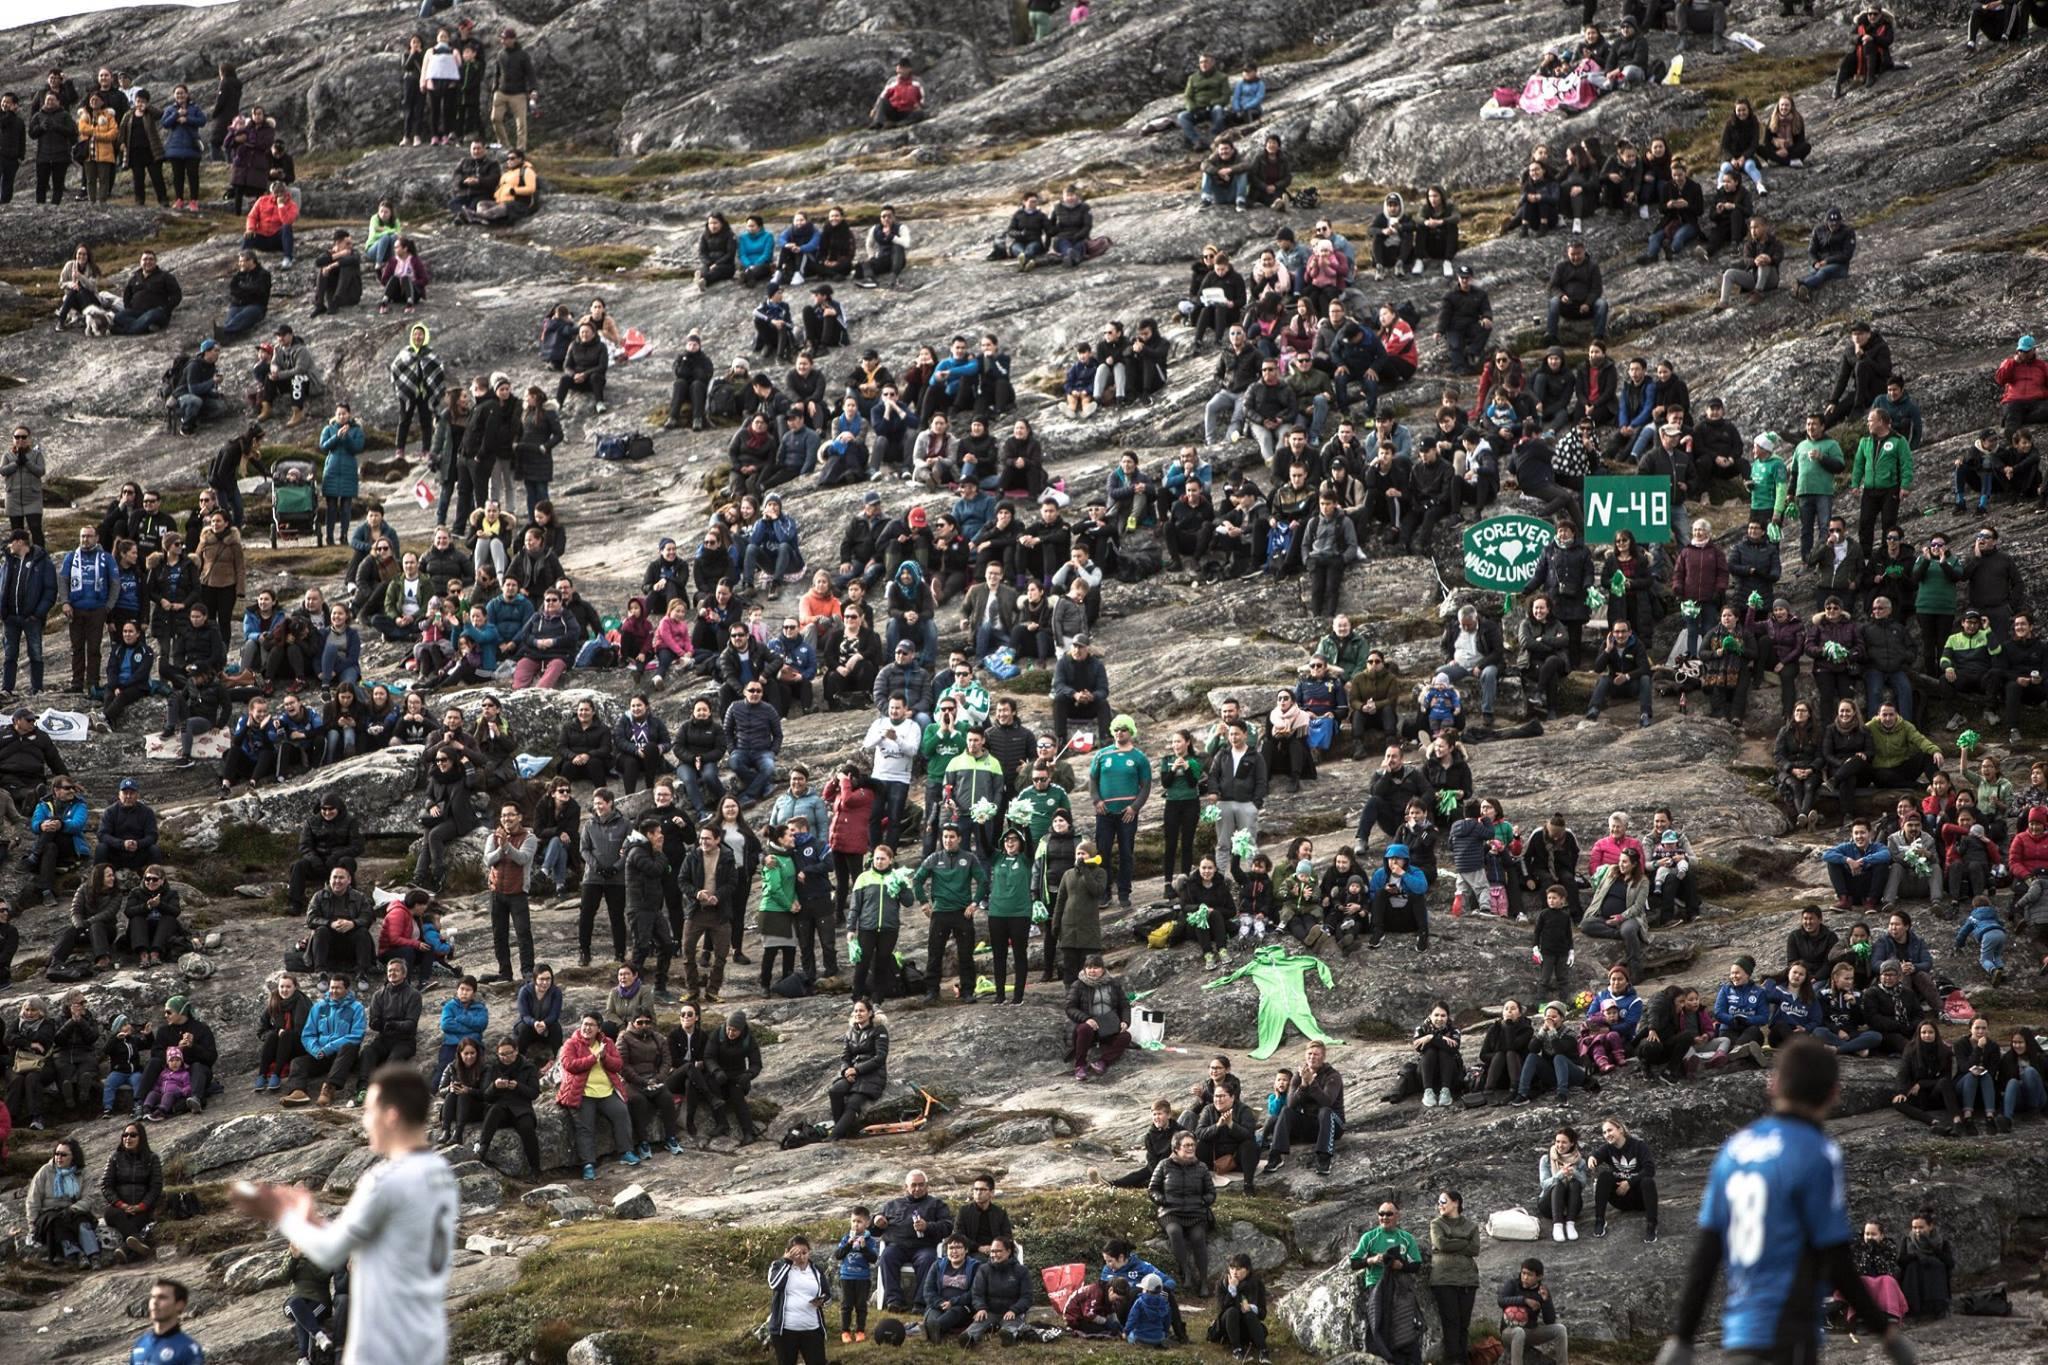 Самое короткое футбольное соревнование в мире: в Гренландии сезон длится одну неделю (+Фото, Видео) - изображение 28